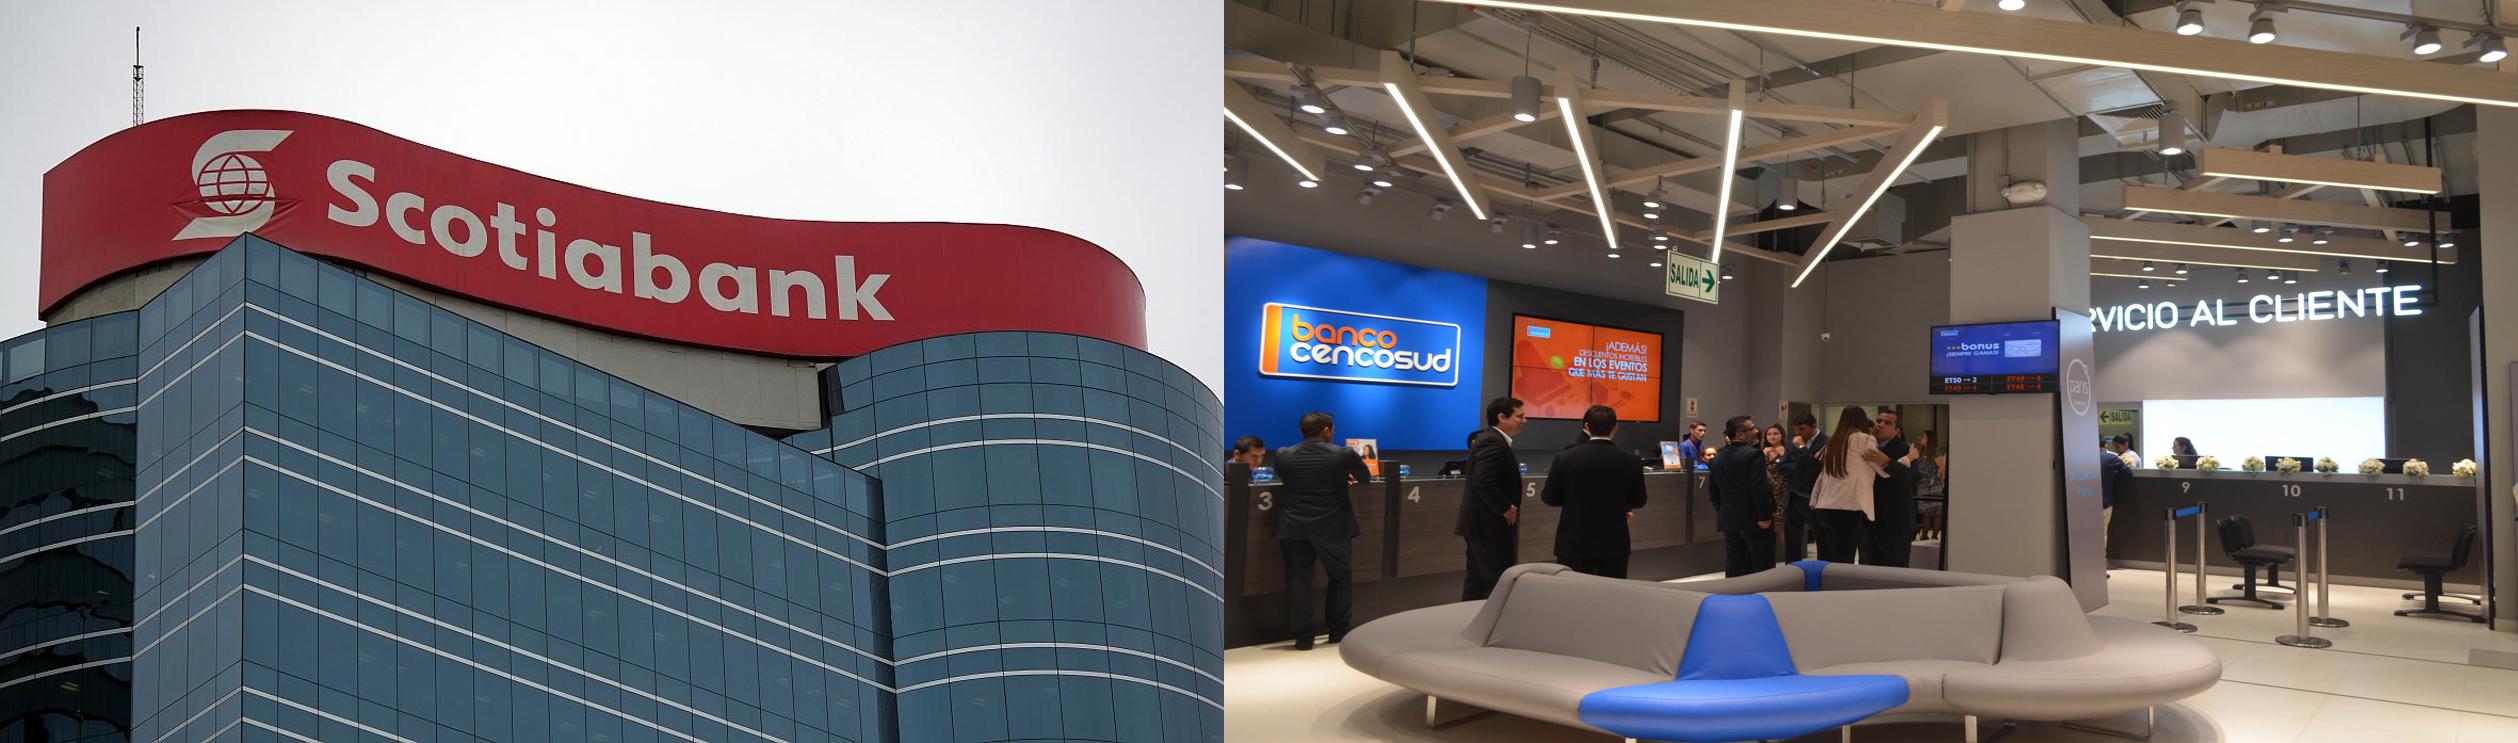 Scotiabank y Cencosud - Cencosud reducirá deuda con recursos de venta de banco en Perú